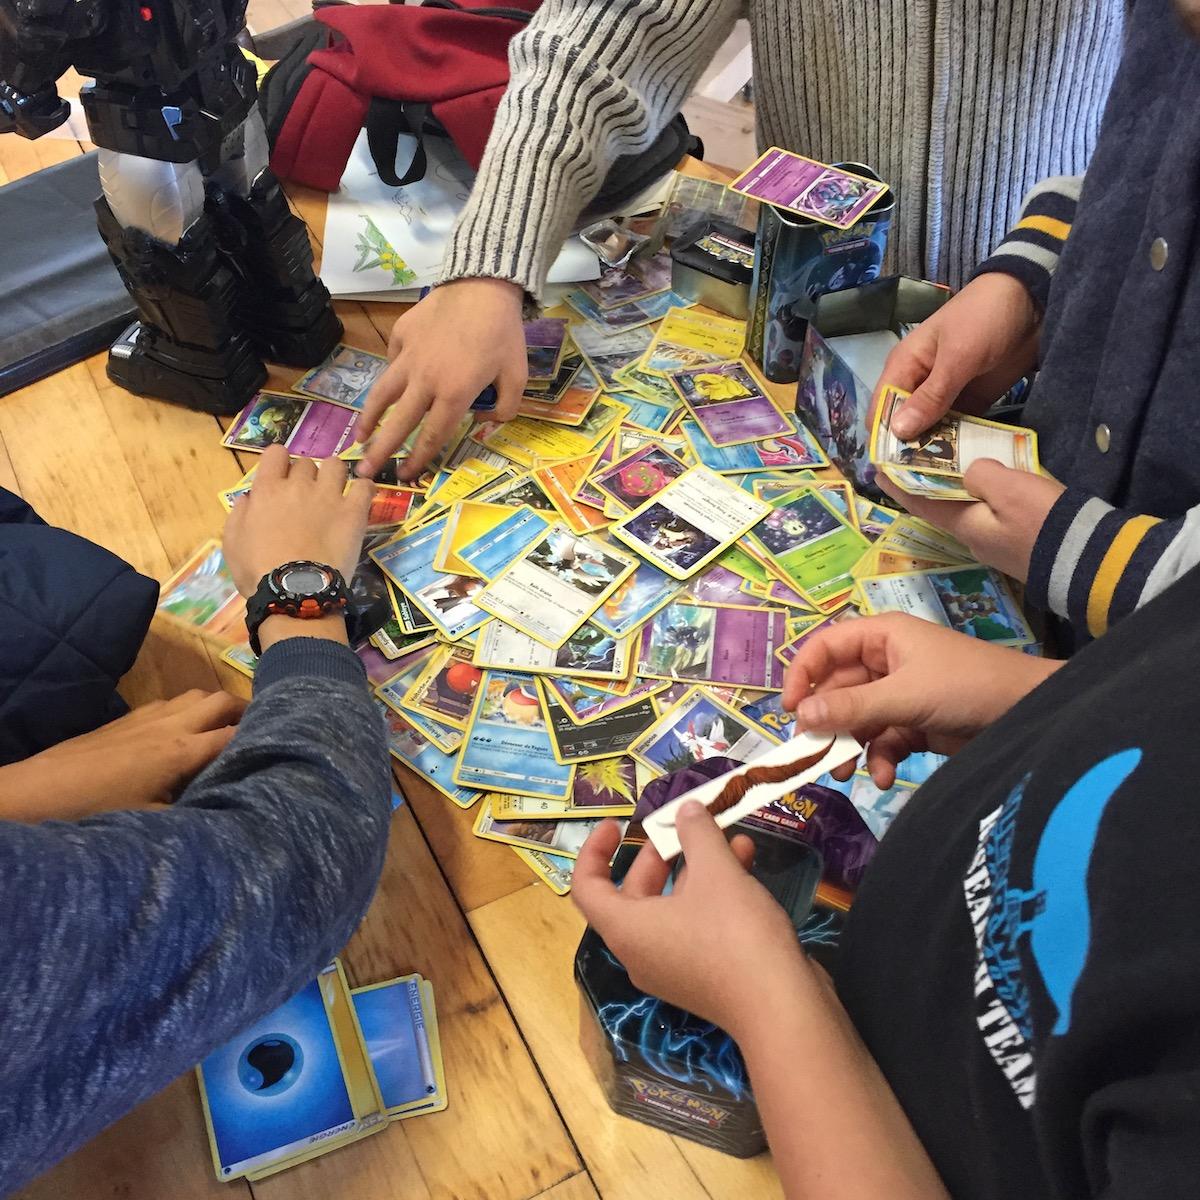 Certains enfants font du calcul mental à l'aide des carte Pokémon